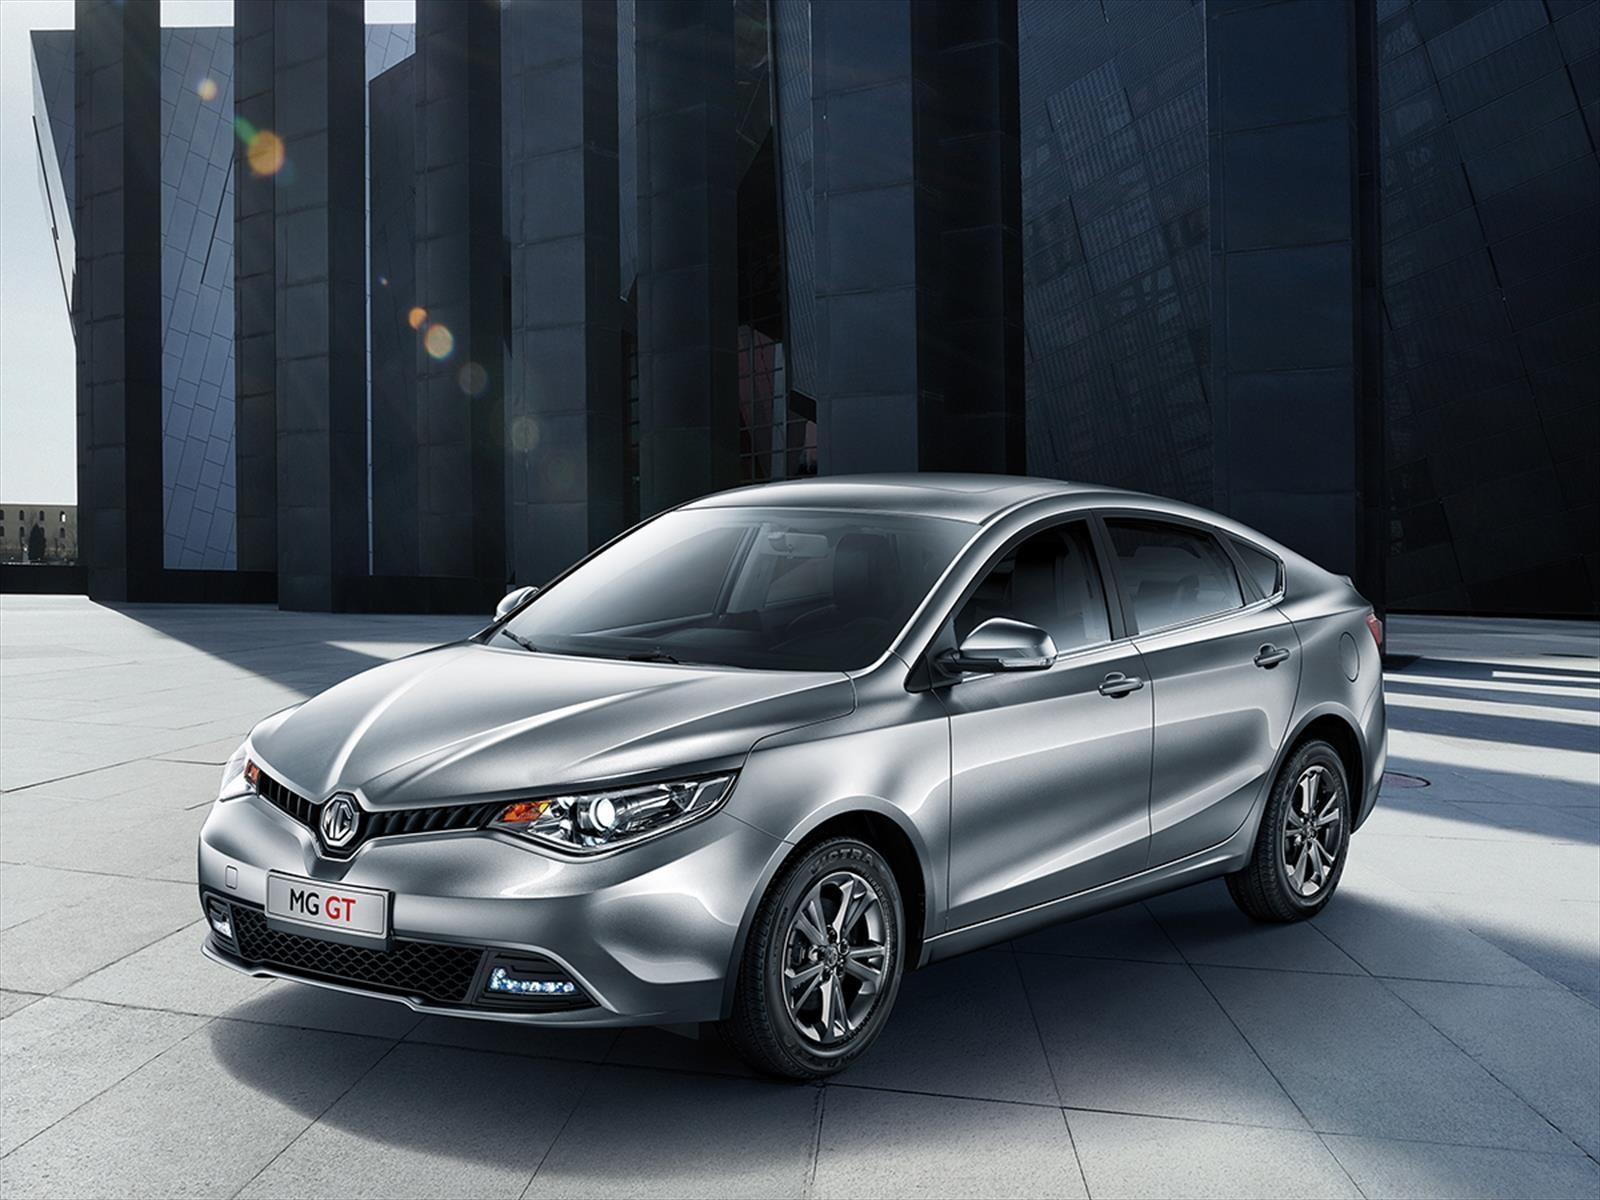 MG GT entra al Top 10 de sedanes medianos en Chile